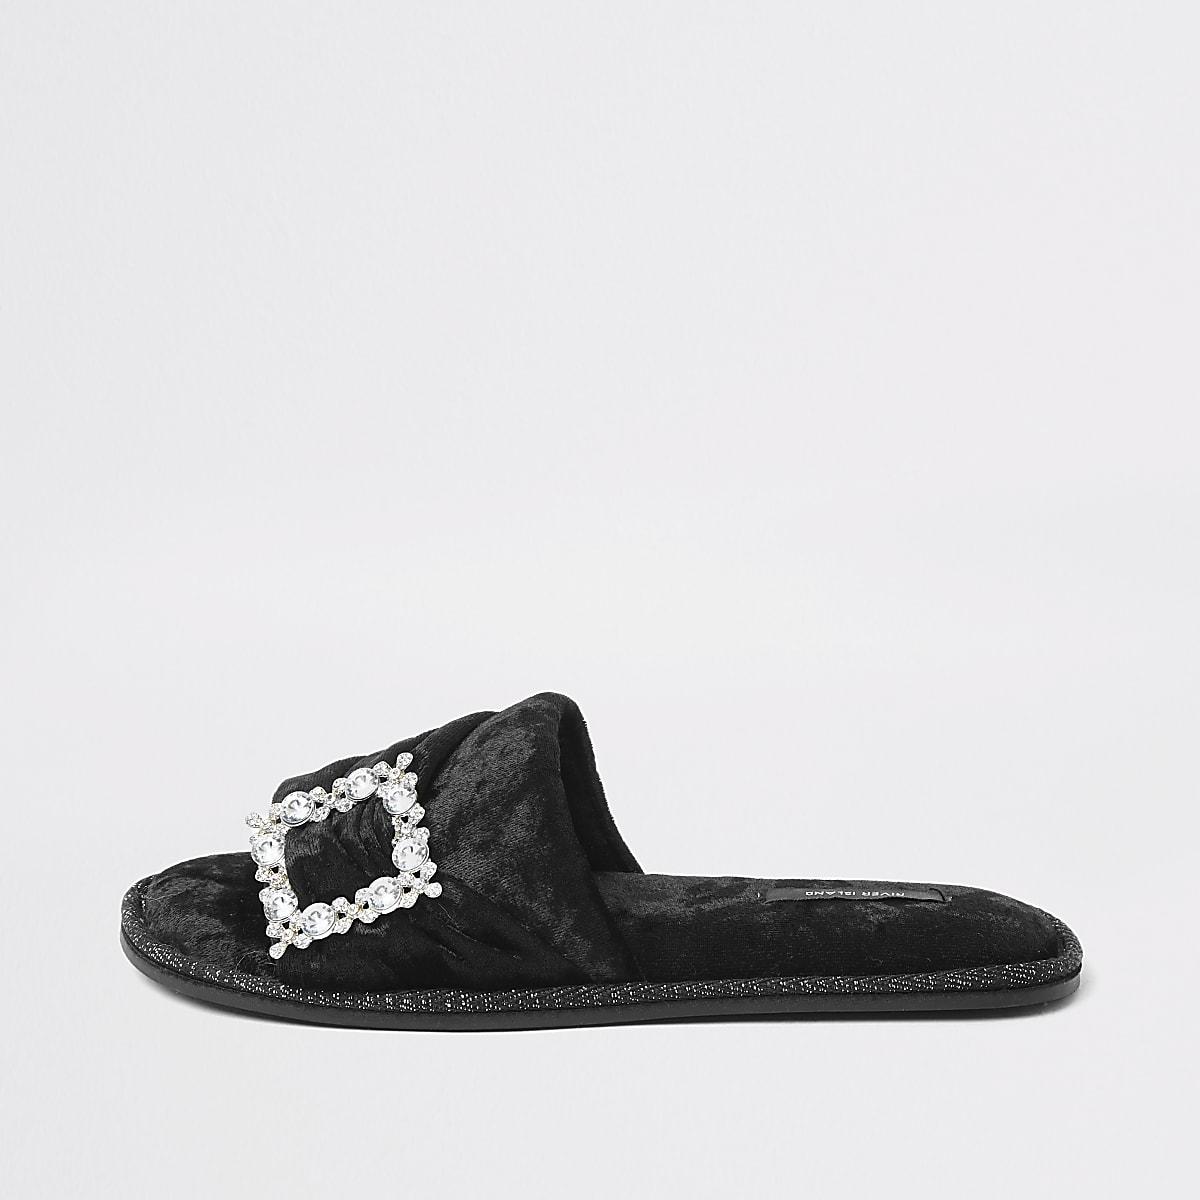 Zwarte fluwelen pantoffels met broche met siersteentjes